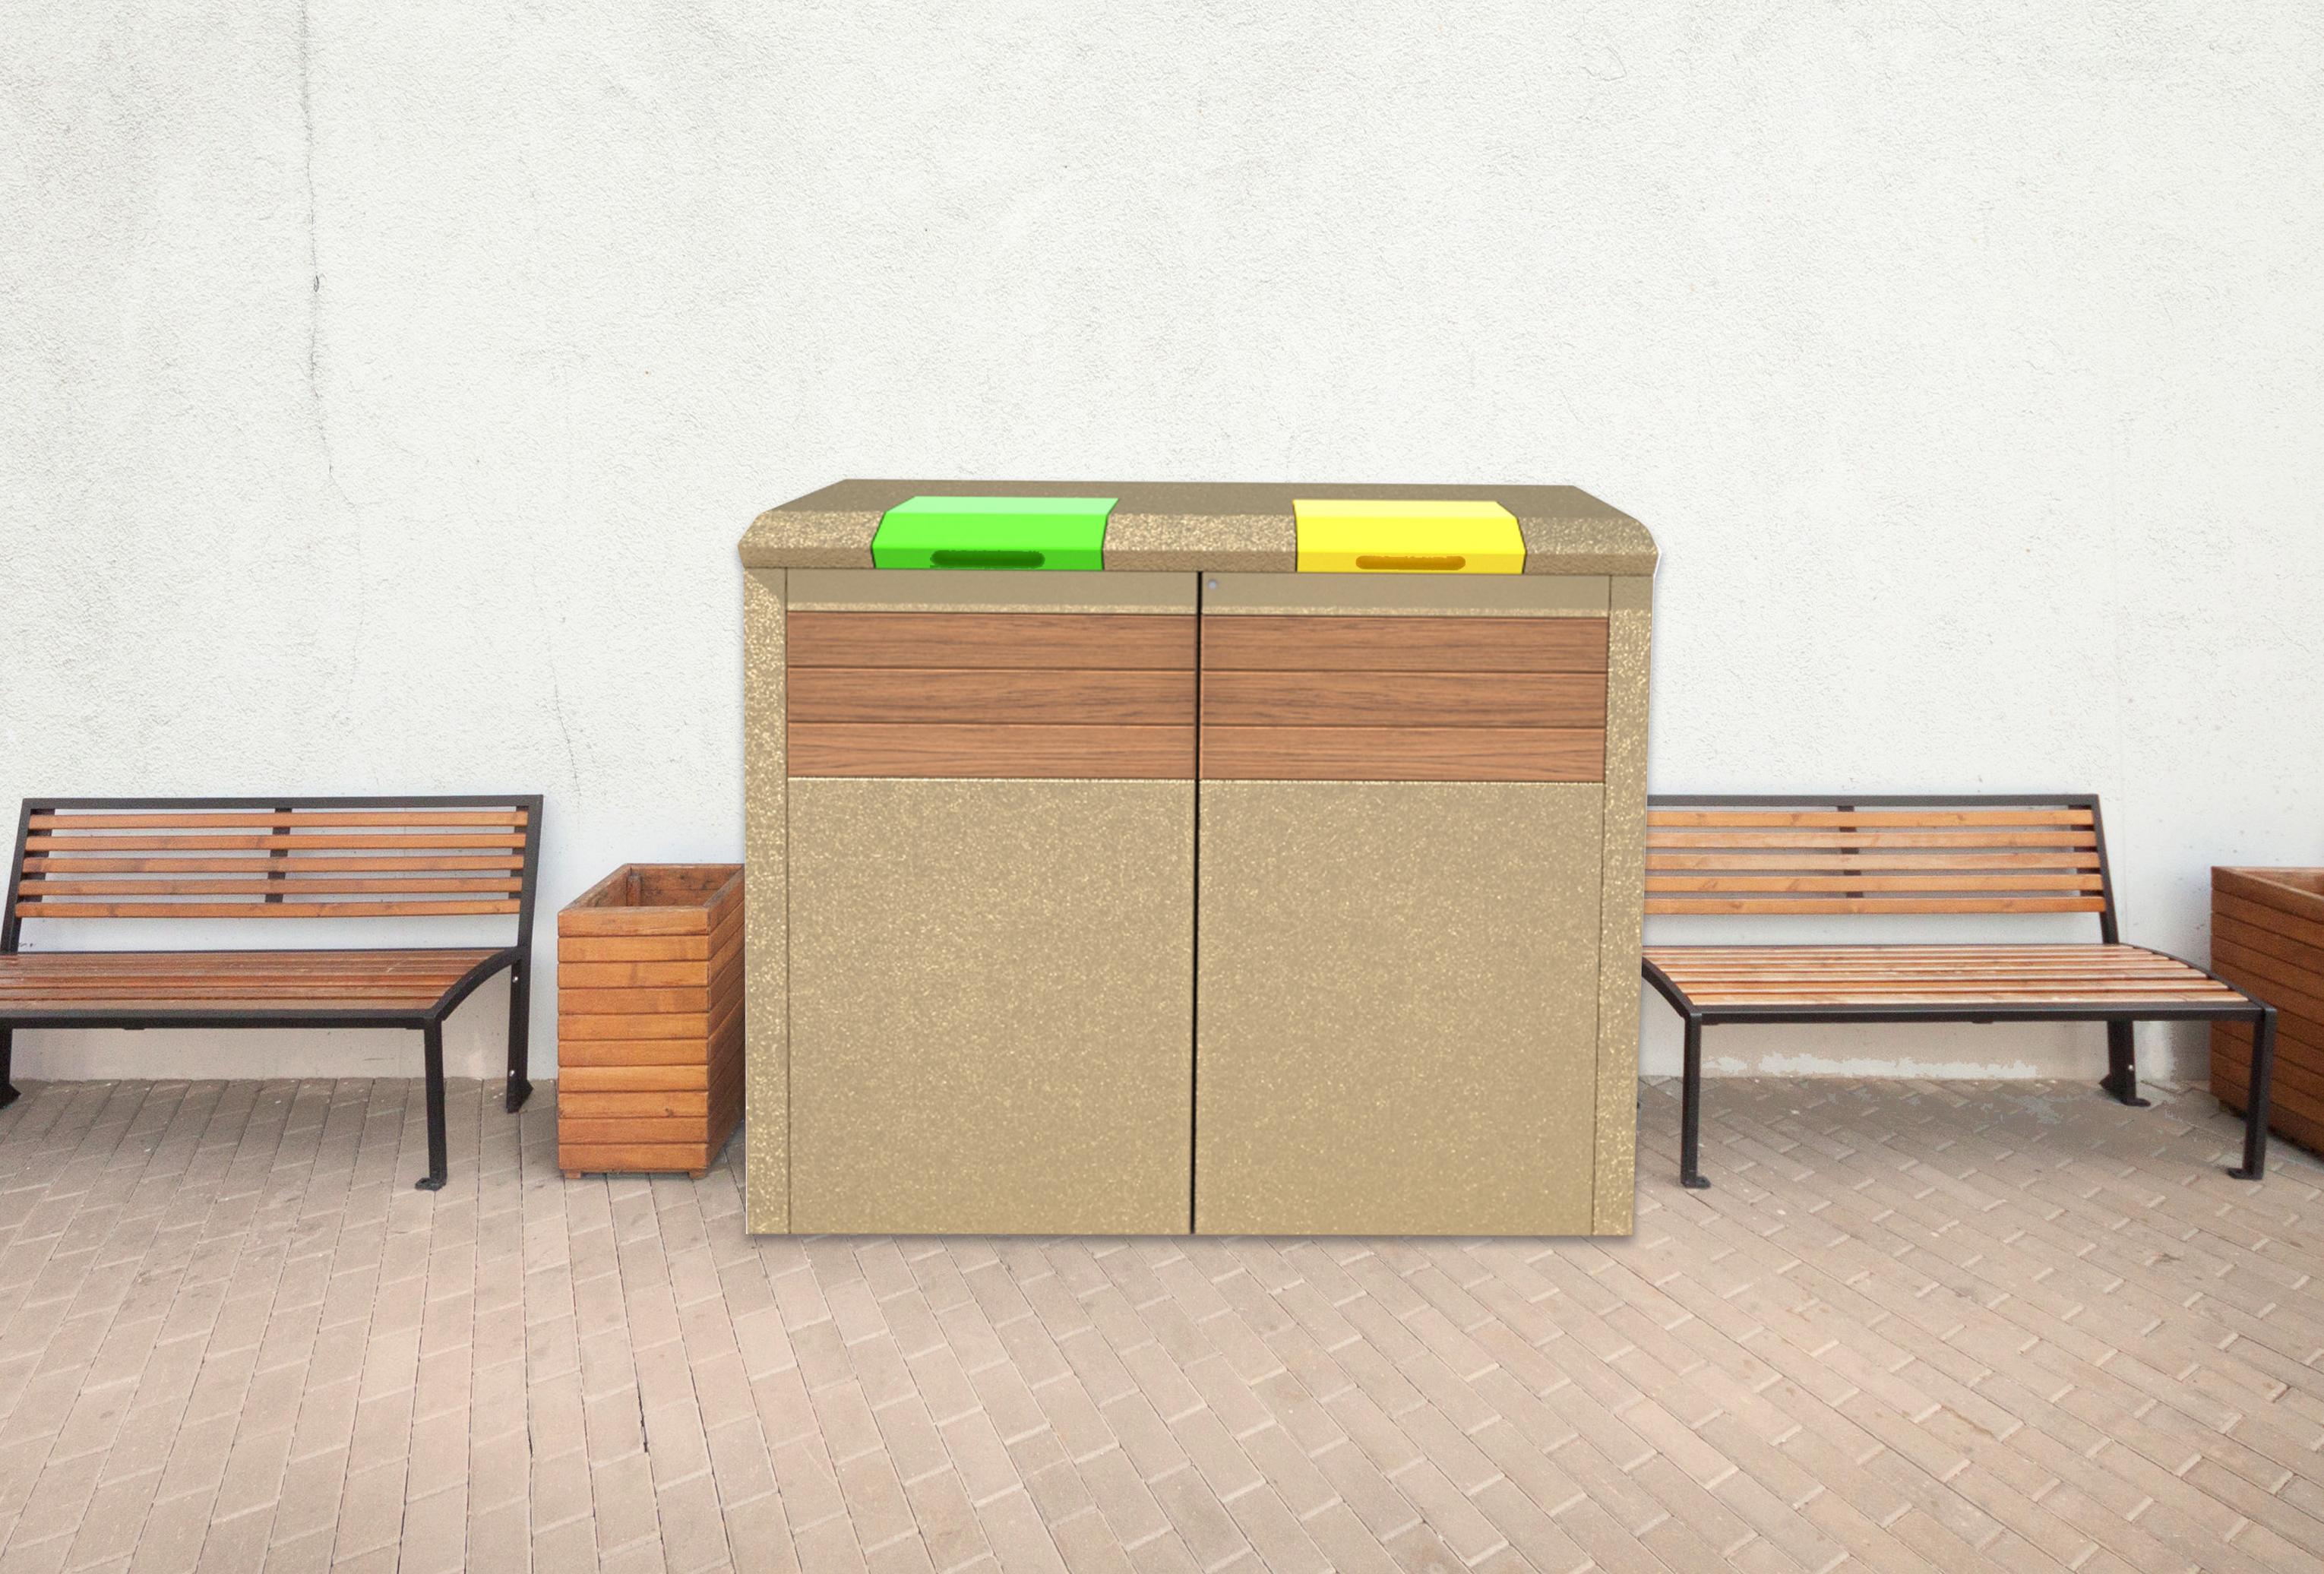 abri conteneur poubelle béton 360 l - abri poubelle beton - techni